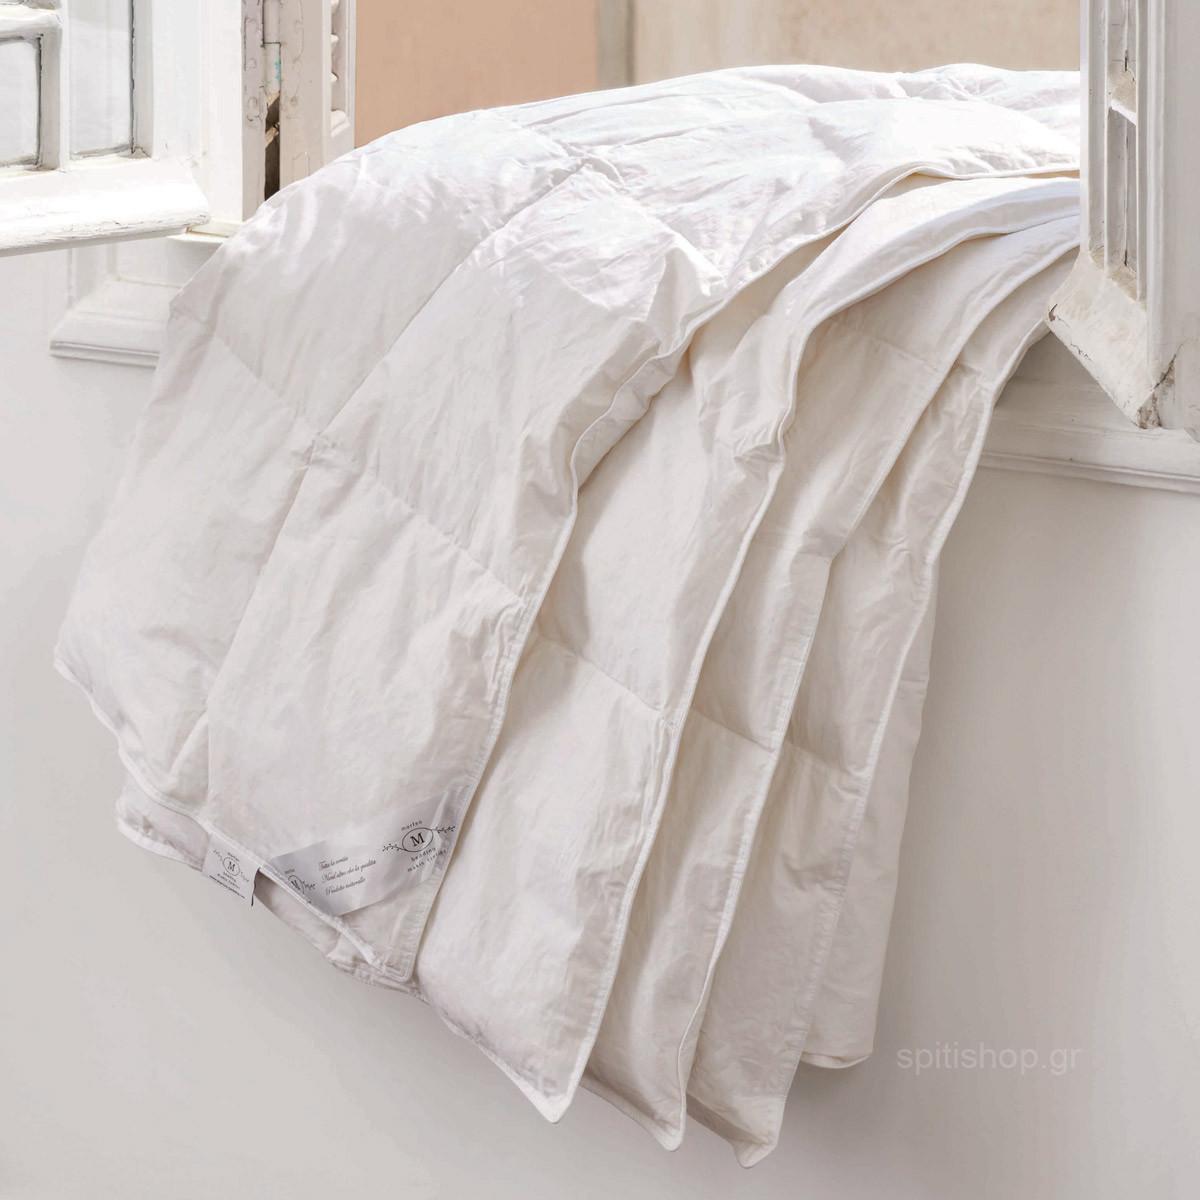 Πάπλωμα Πουπουλένιο Υπέρδιπλο Makis Tselios 80/20 home   κρεβατοκάμαρα   παπλώματα   παπλώματα πουπουλένια